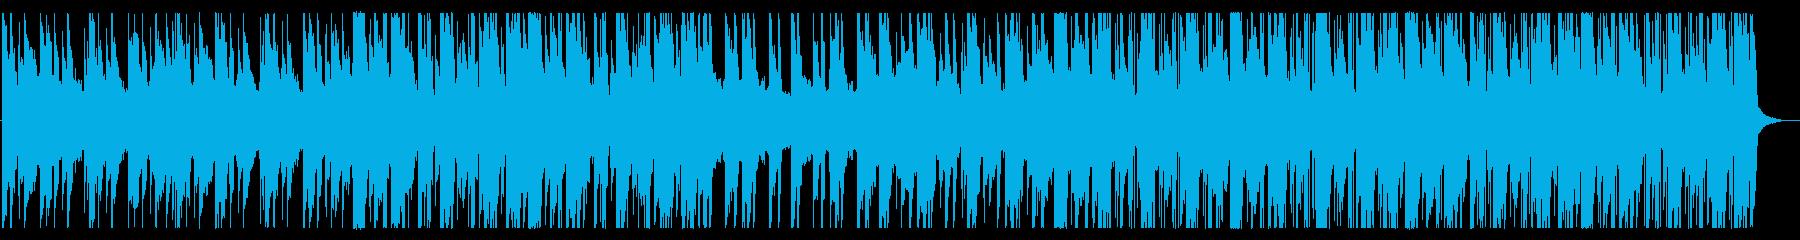 ピアノ/シンプル/R&B_No443_2の再生済みの波形